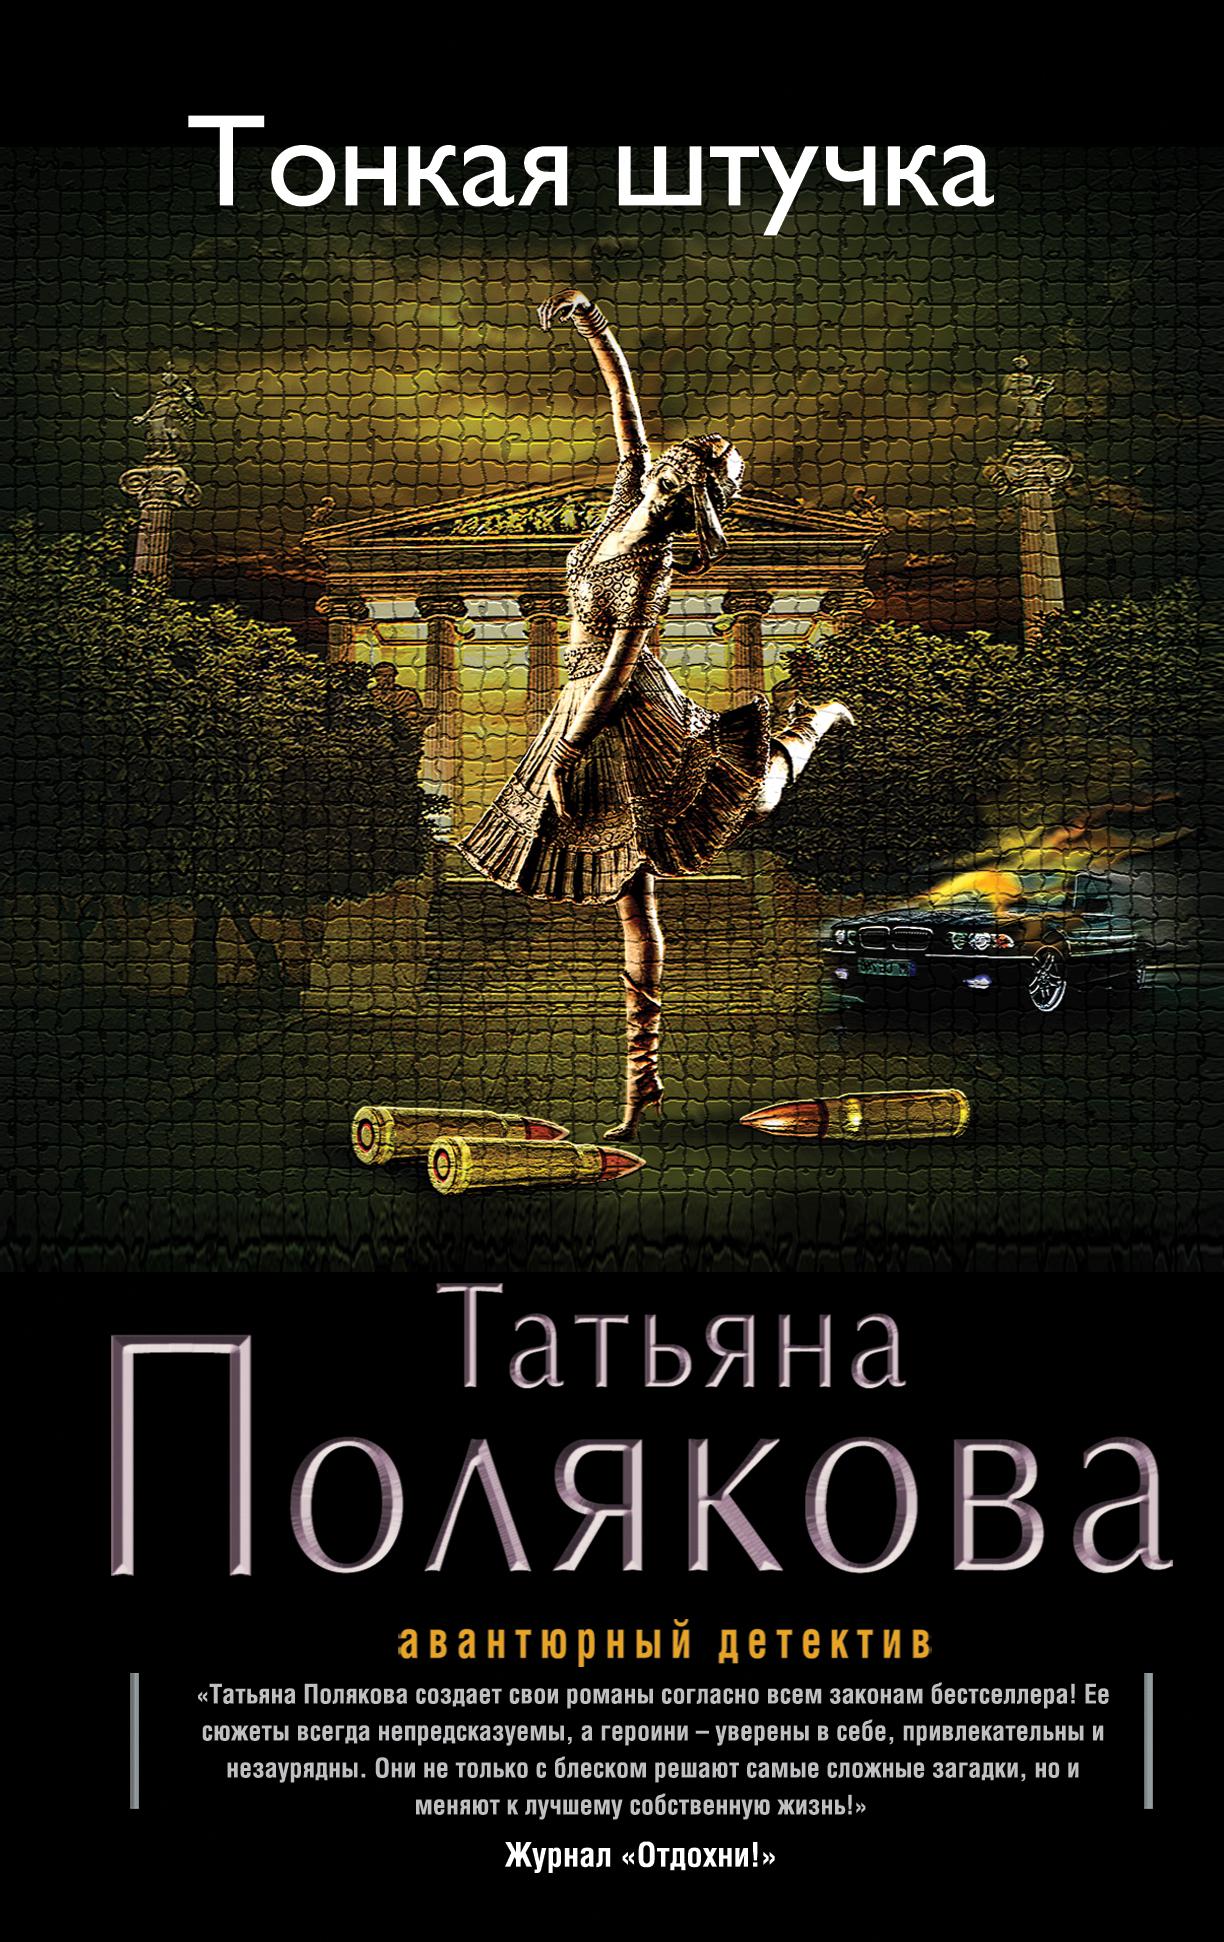 Полякова Т.В. Тонкая штучка куплю или обменяю кв на дом в городе астрахань